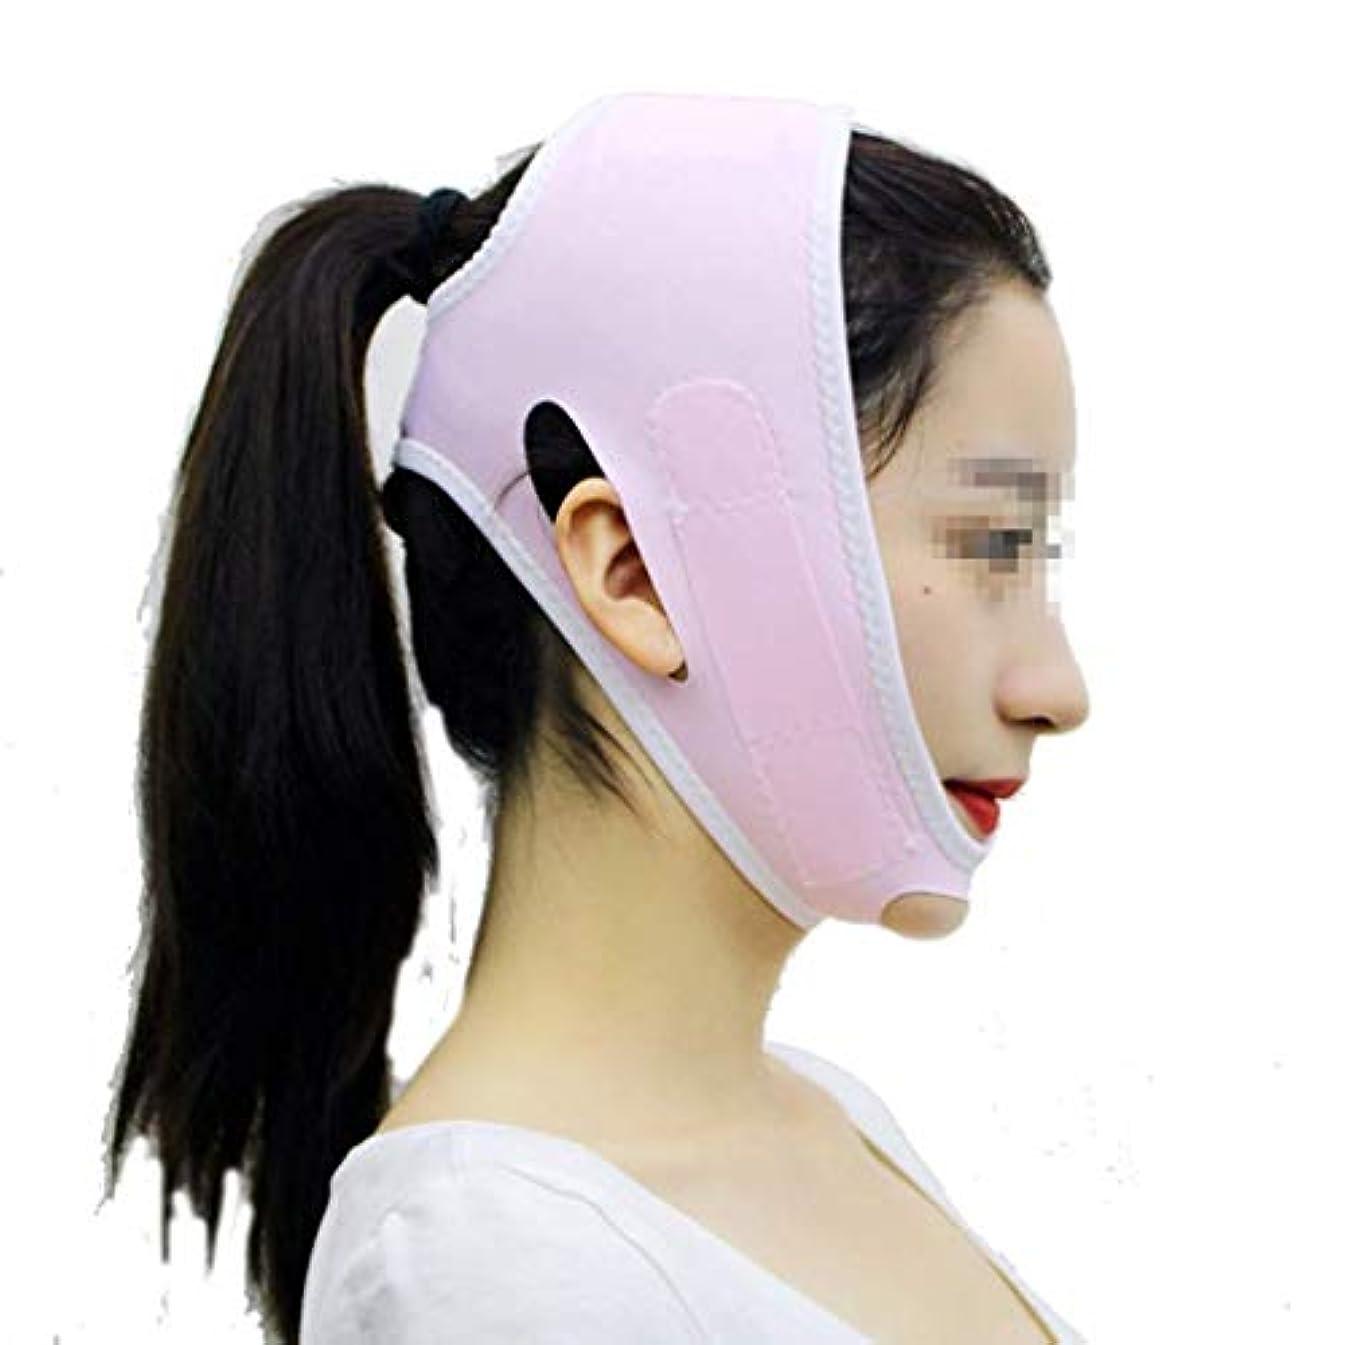 知り合い胸妻美容包帯、Vフェイス睡眠薄いフェイスマスクライン彫刻回復フードリフティング引き締めフェイスダブルチンマスクマルチカラーオプション(カラー:ピンク),ピンク